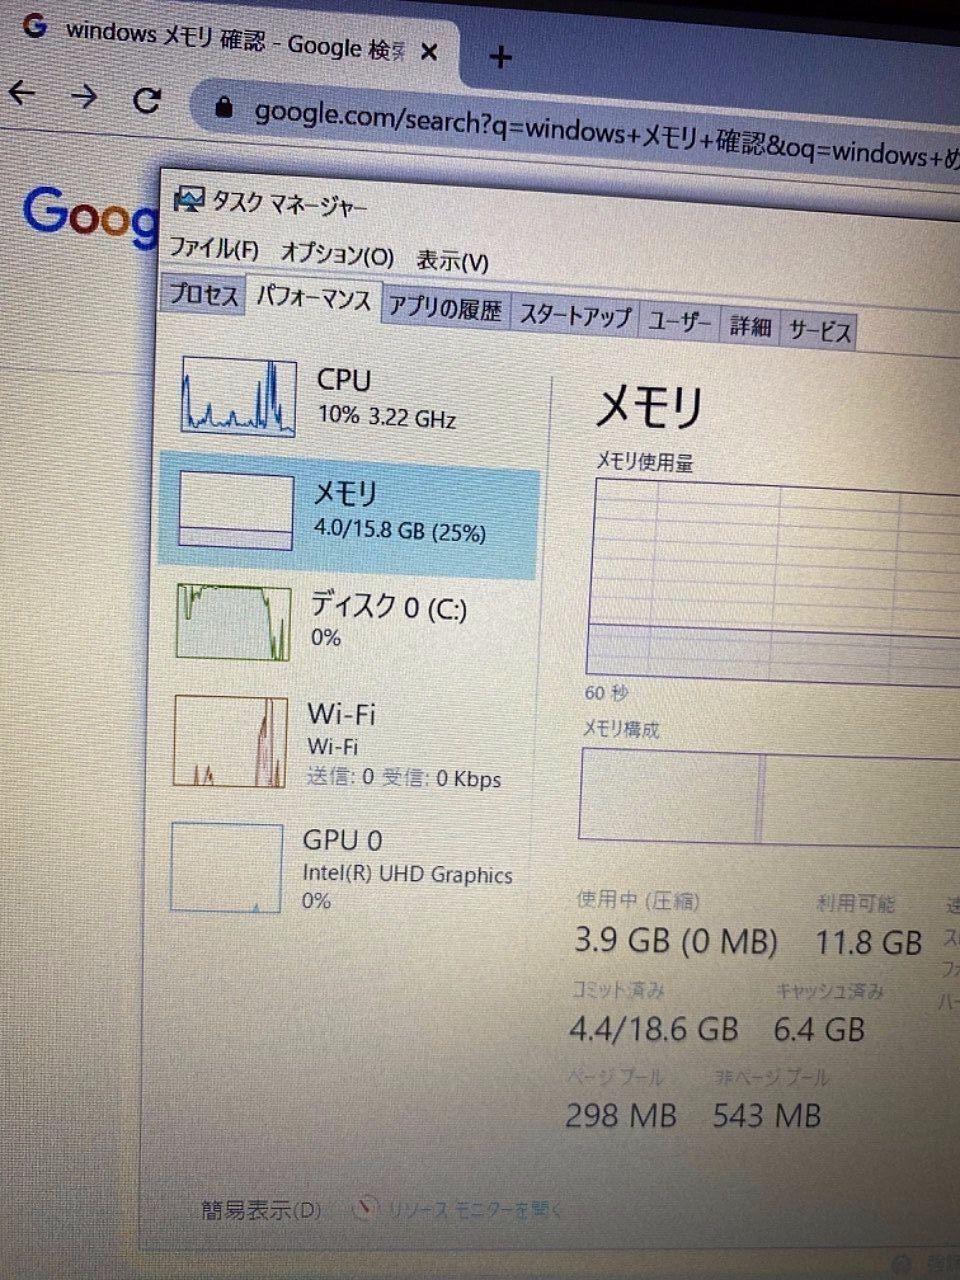 dell ノートPC Inspiron 15 3000のメモリ増設【4GBから16GBへ】しました。